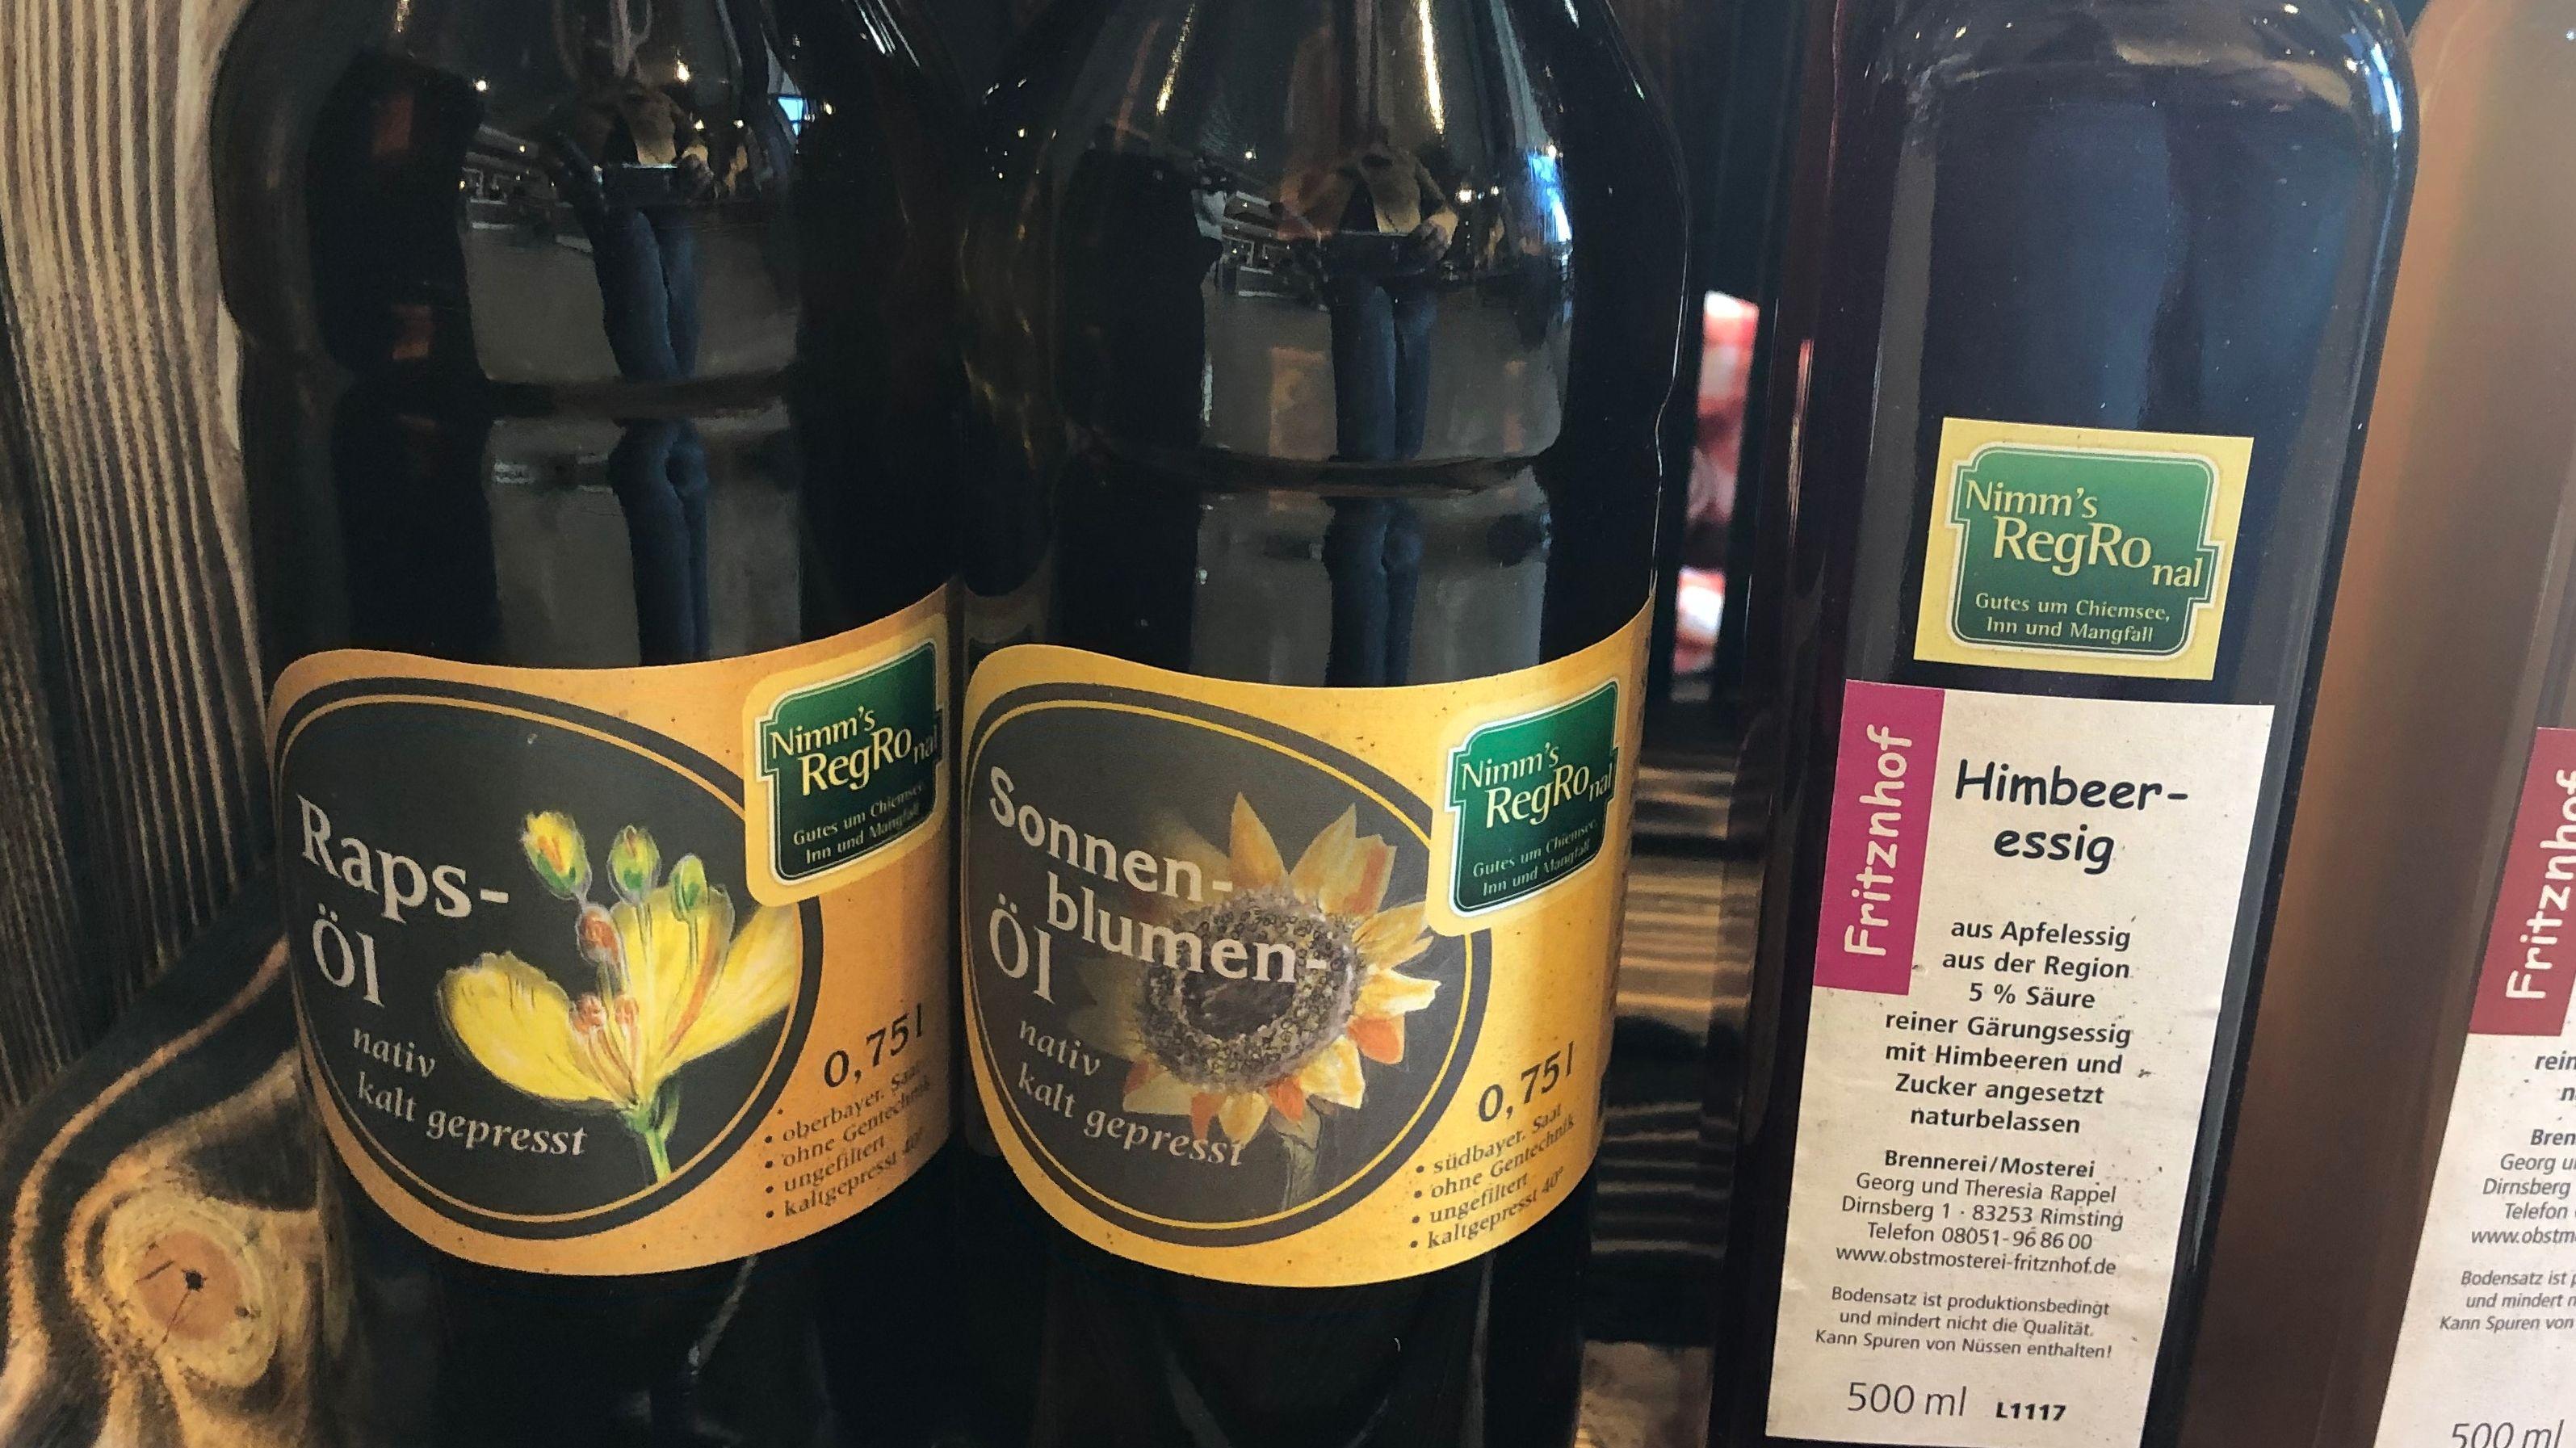 Sonnenblumenöl aus der Region Rosenheim.